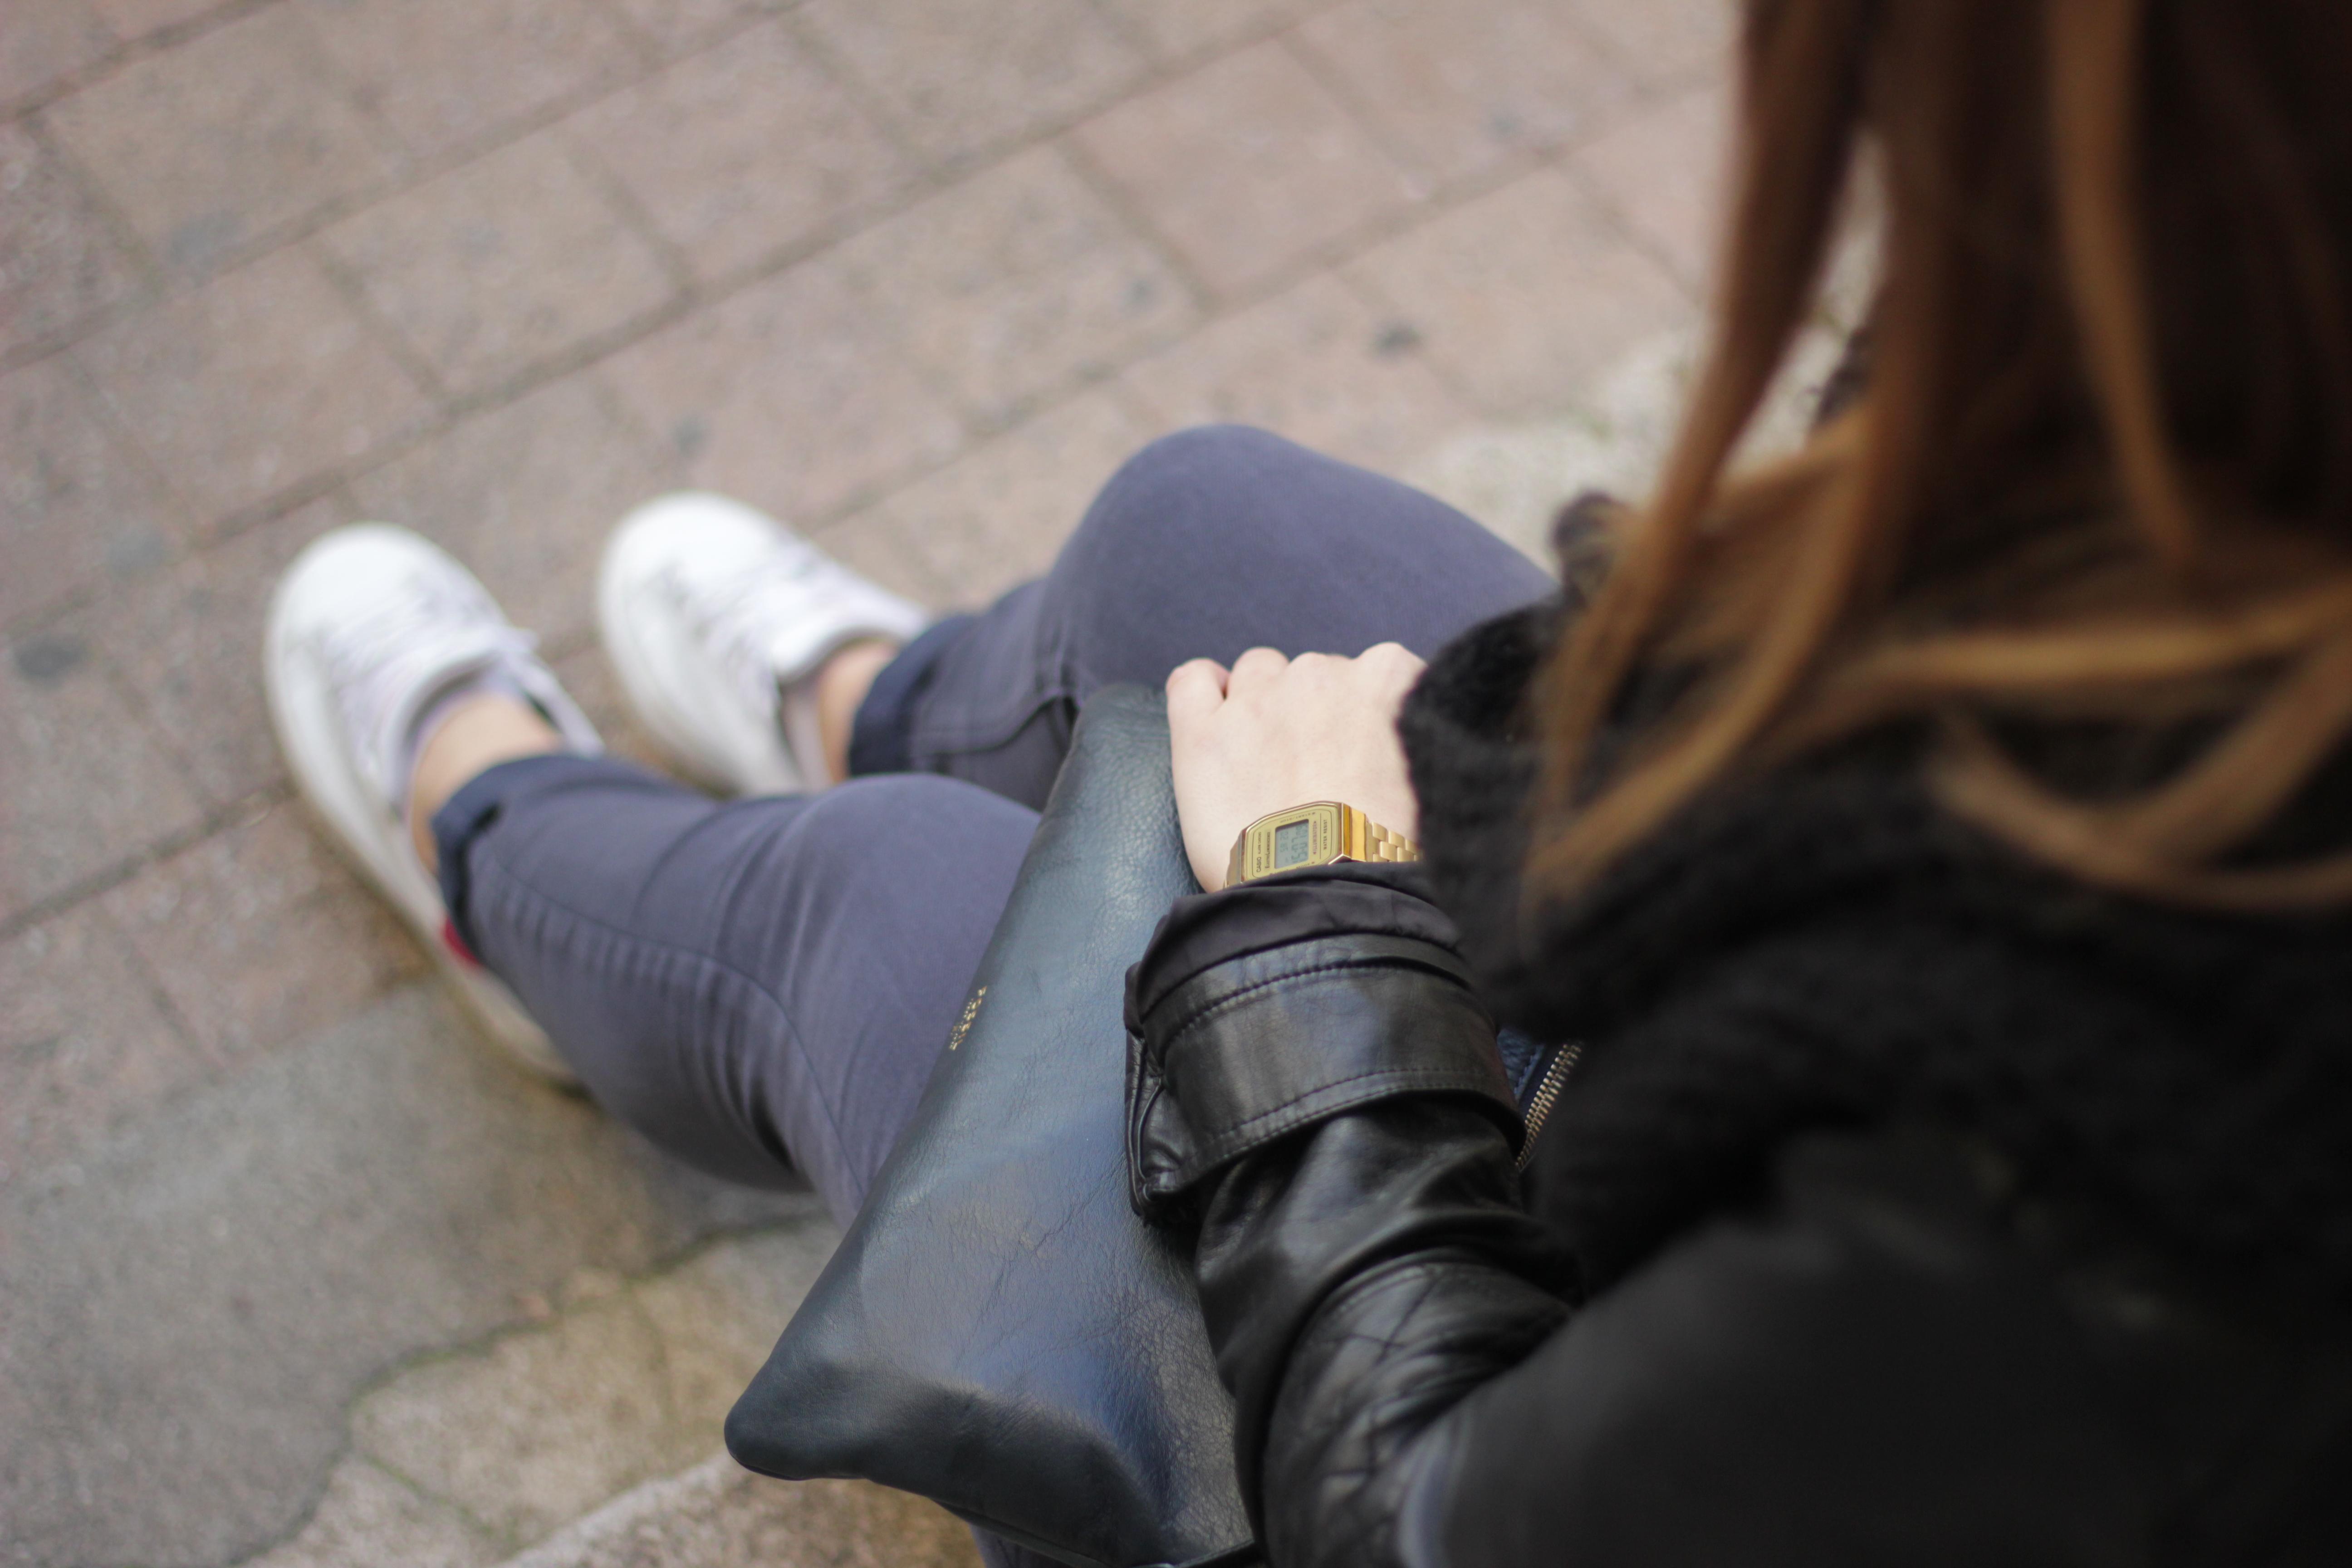 Look dans la rue montre casio vintage